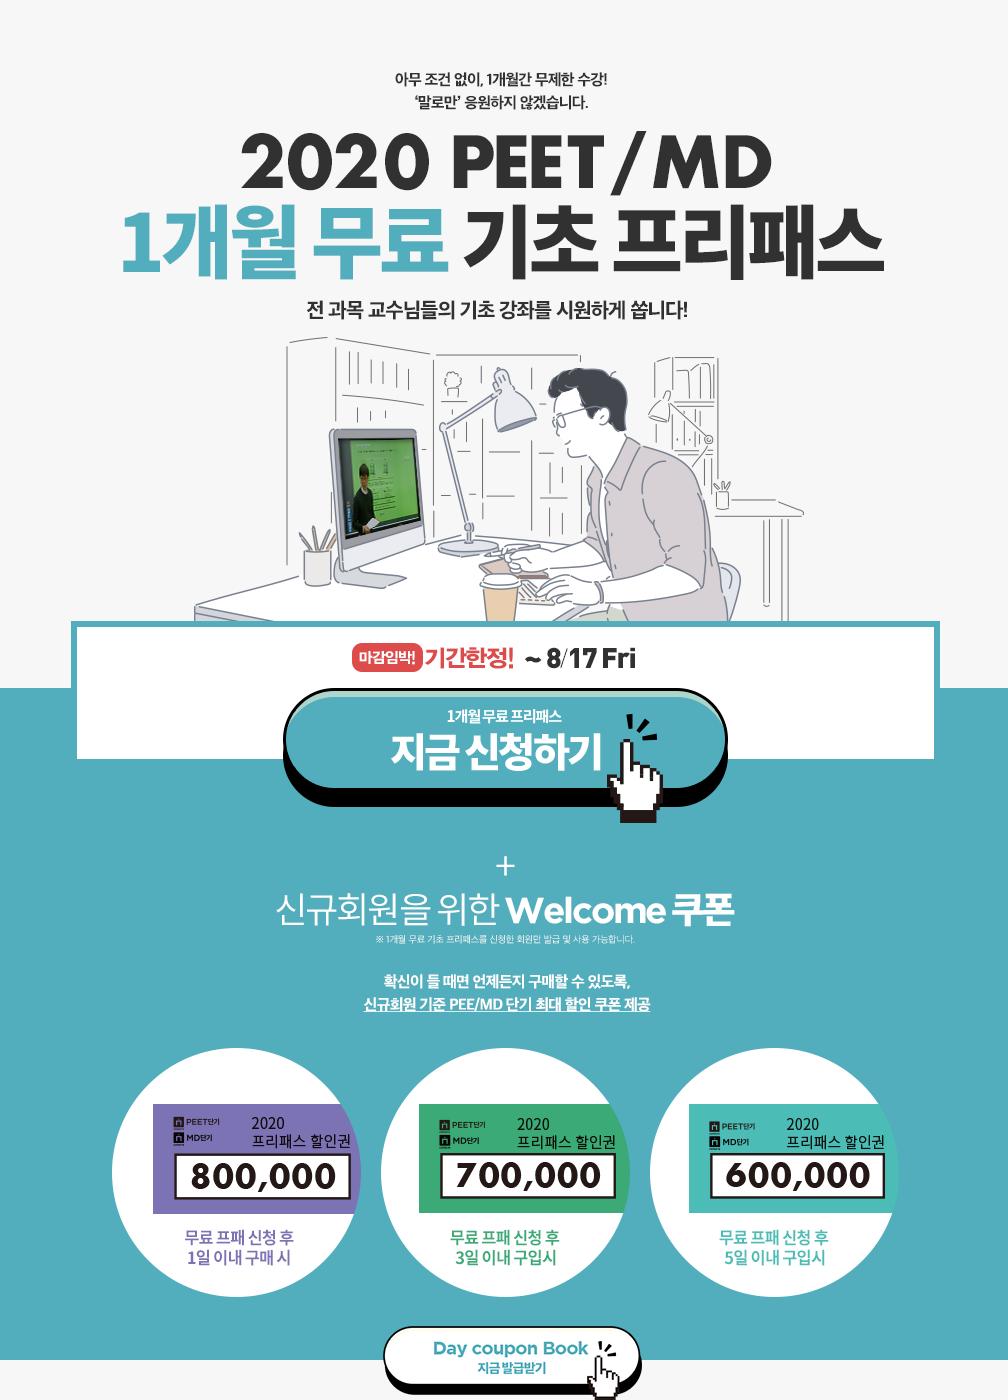 2019 PEET 1개월 무료 프리패스 - 10월 18일 ~ 10월 31일 선착순 무료 배포